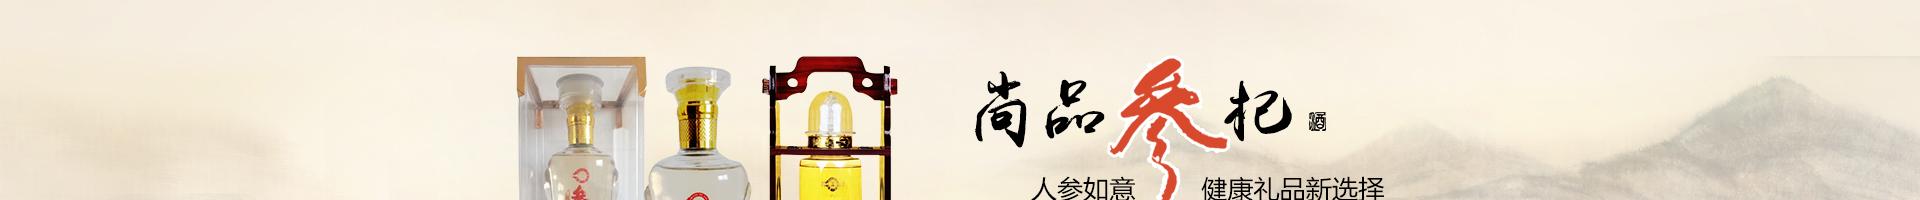 尚福临(河北)酒业有限公司